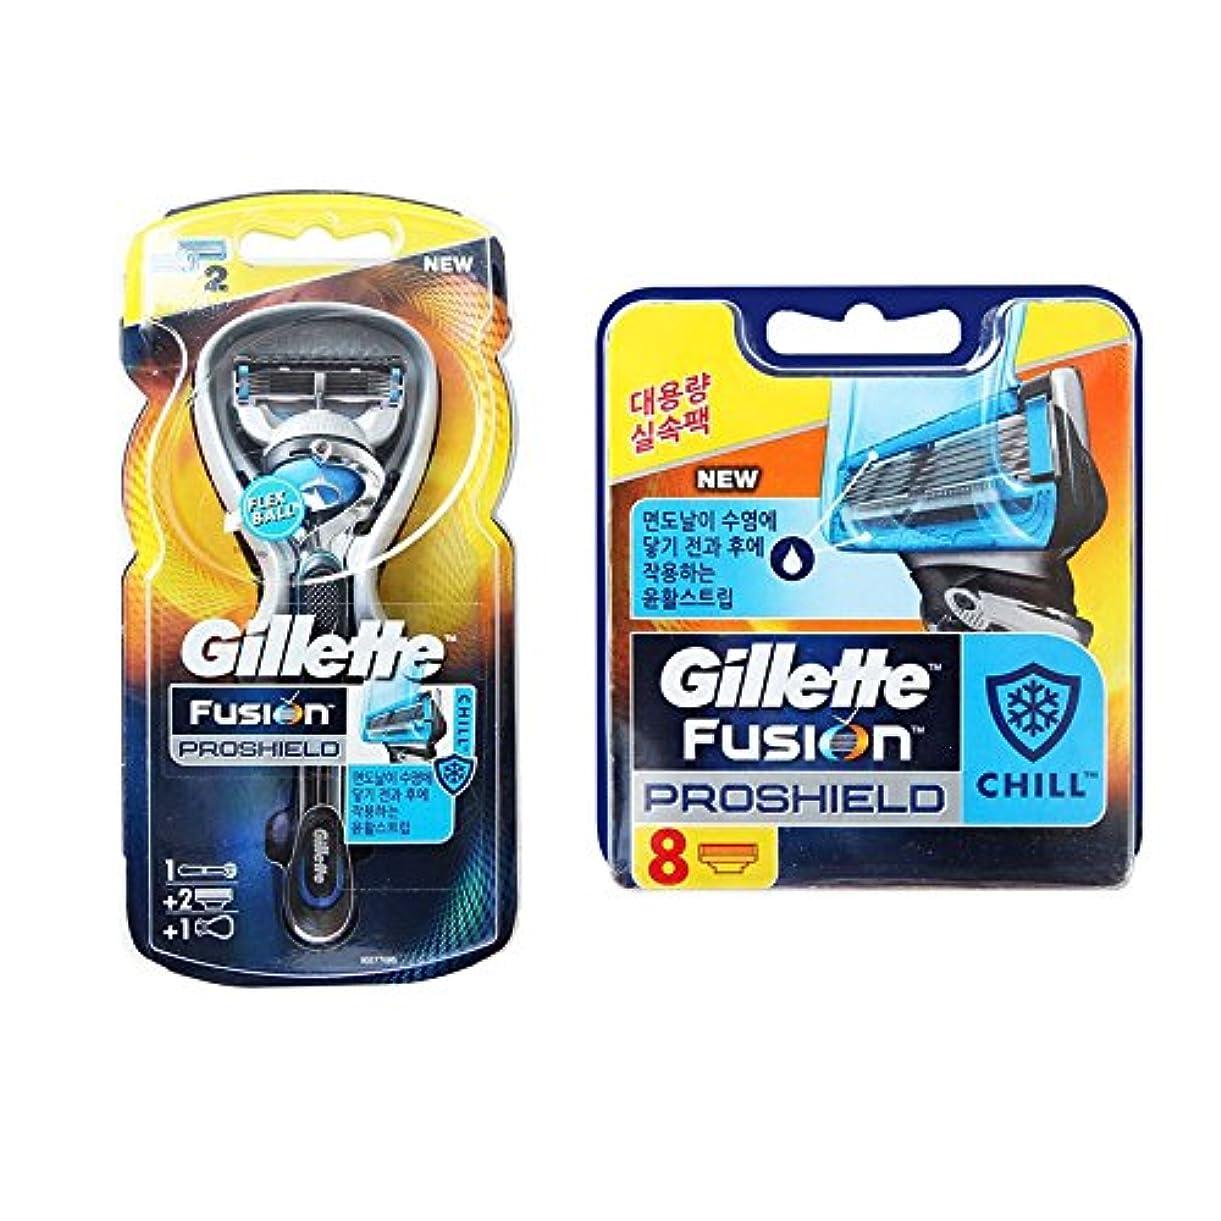 ヒューズ送金神話Gillette Fusion Proshield Chill Blue 1本の剃刀と10本の剃刀刃 [並行輸入品]